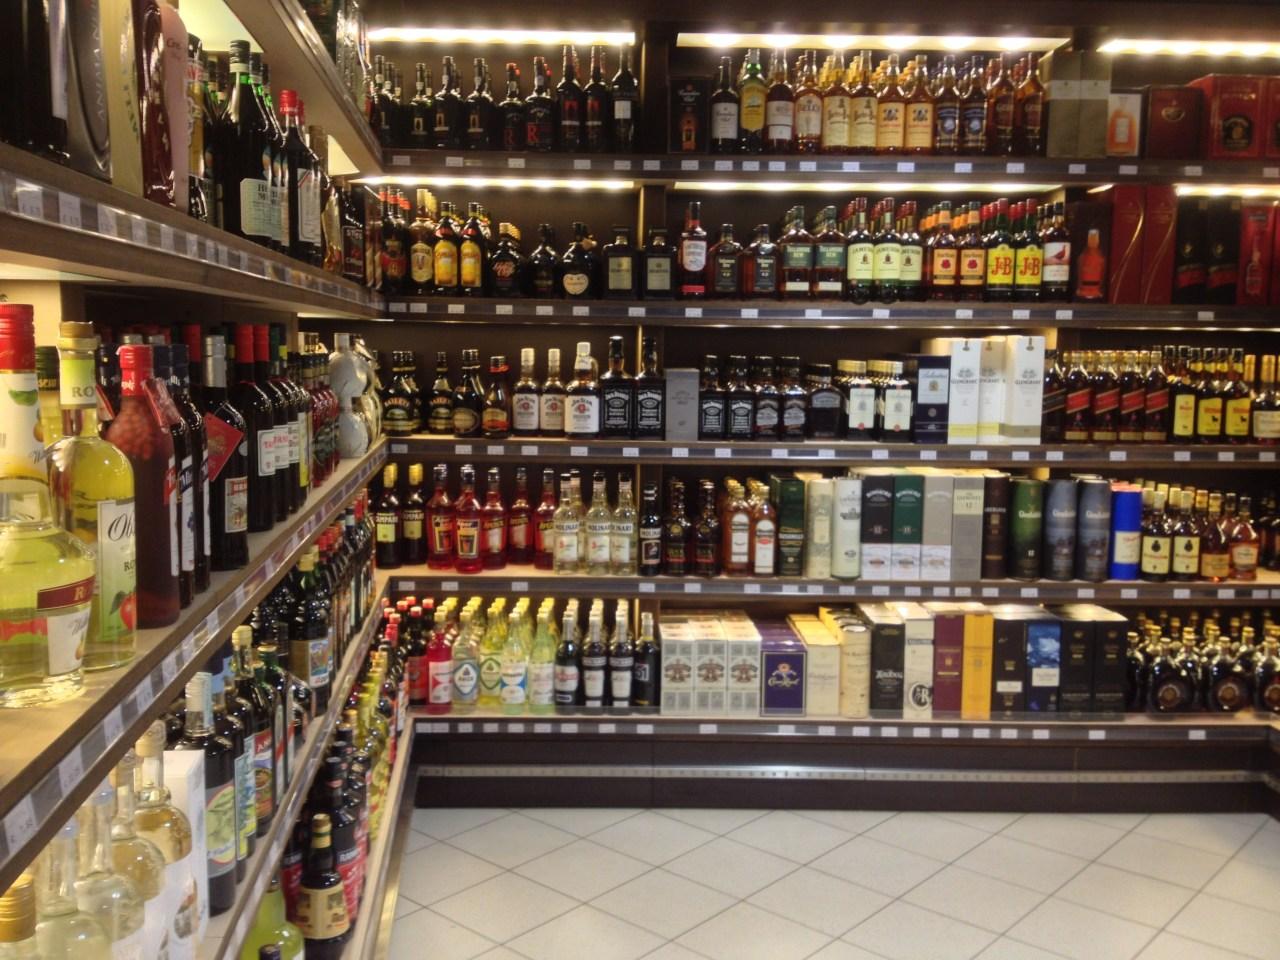 Ein Teil der Spirituosenwand im kleinen Laden um die Ecke - Alkohol wird in Livigno gross geschrieben